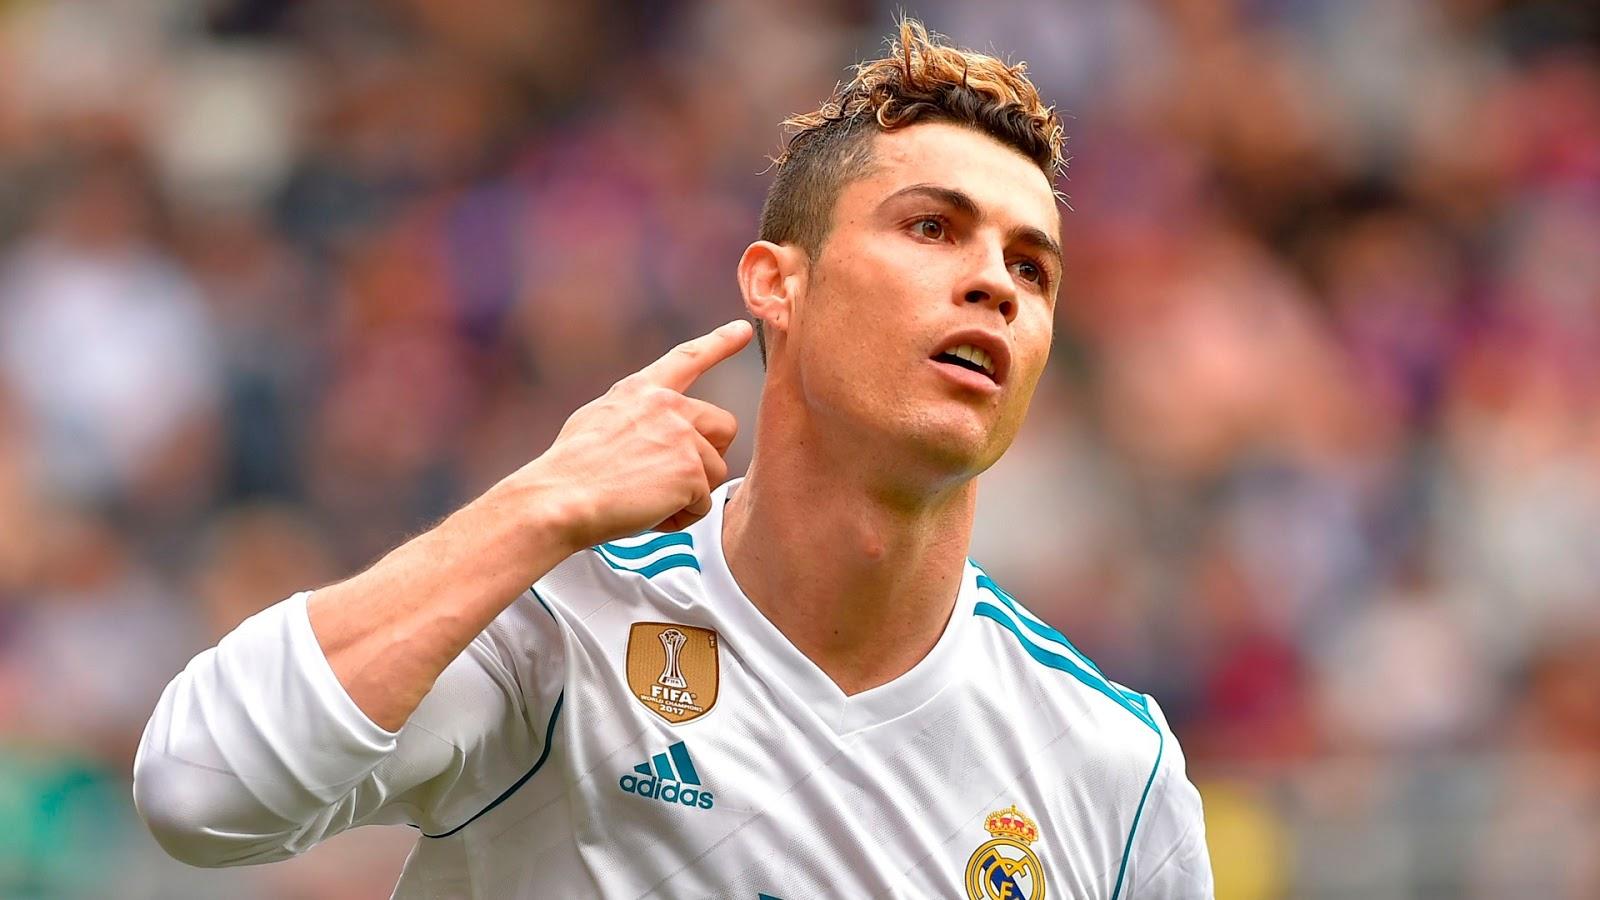 Ronaldo-dat-dinh-cao-ghi-ban-moi-cung-Real-nam-2018